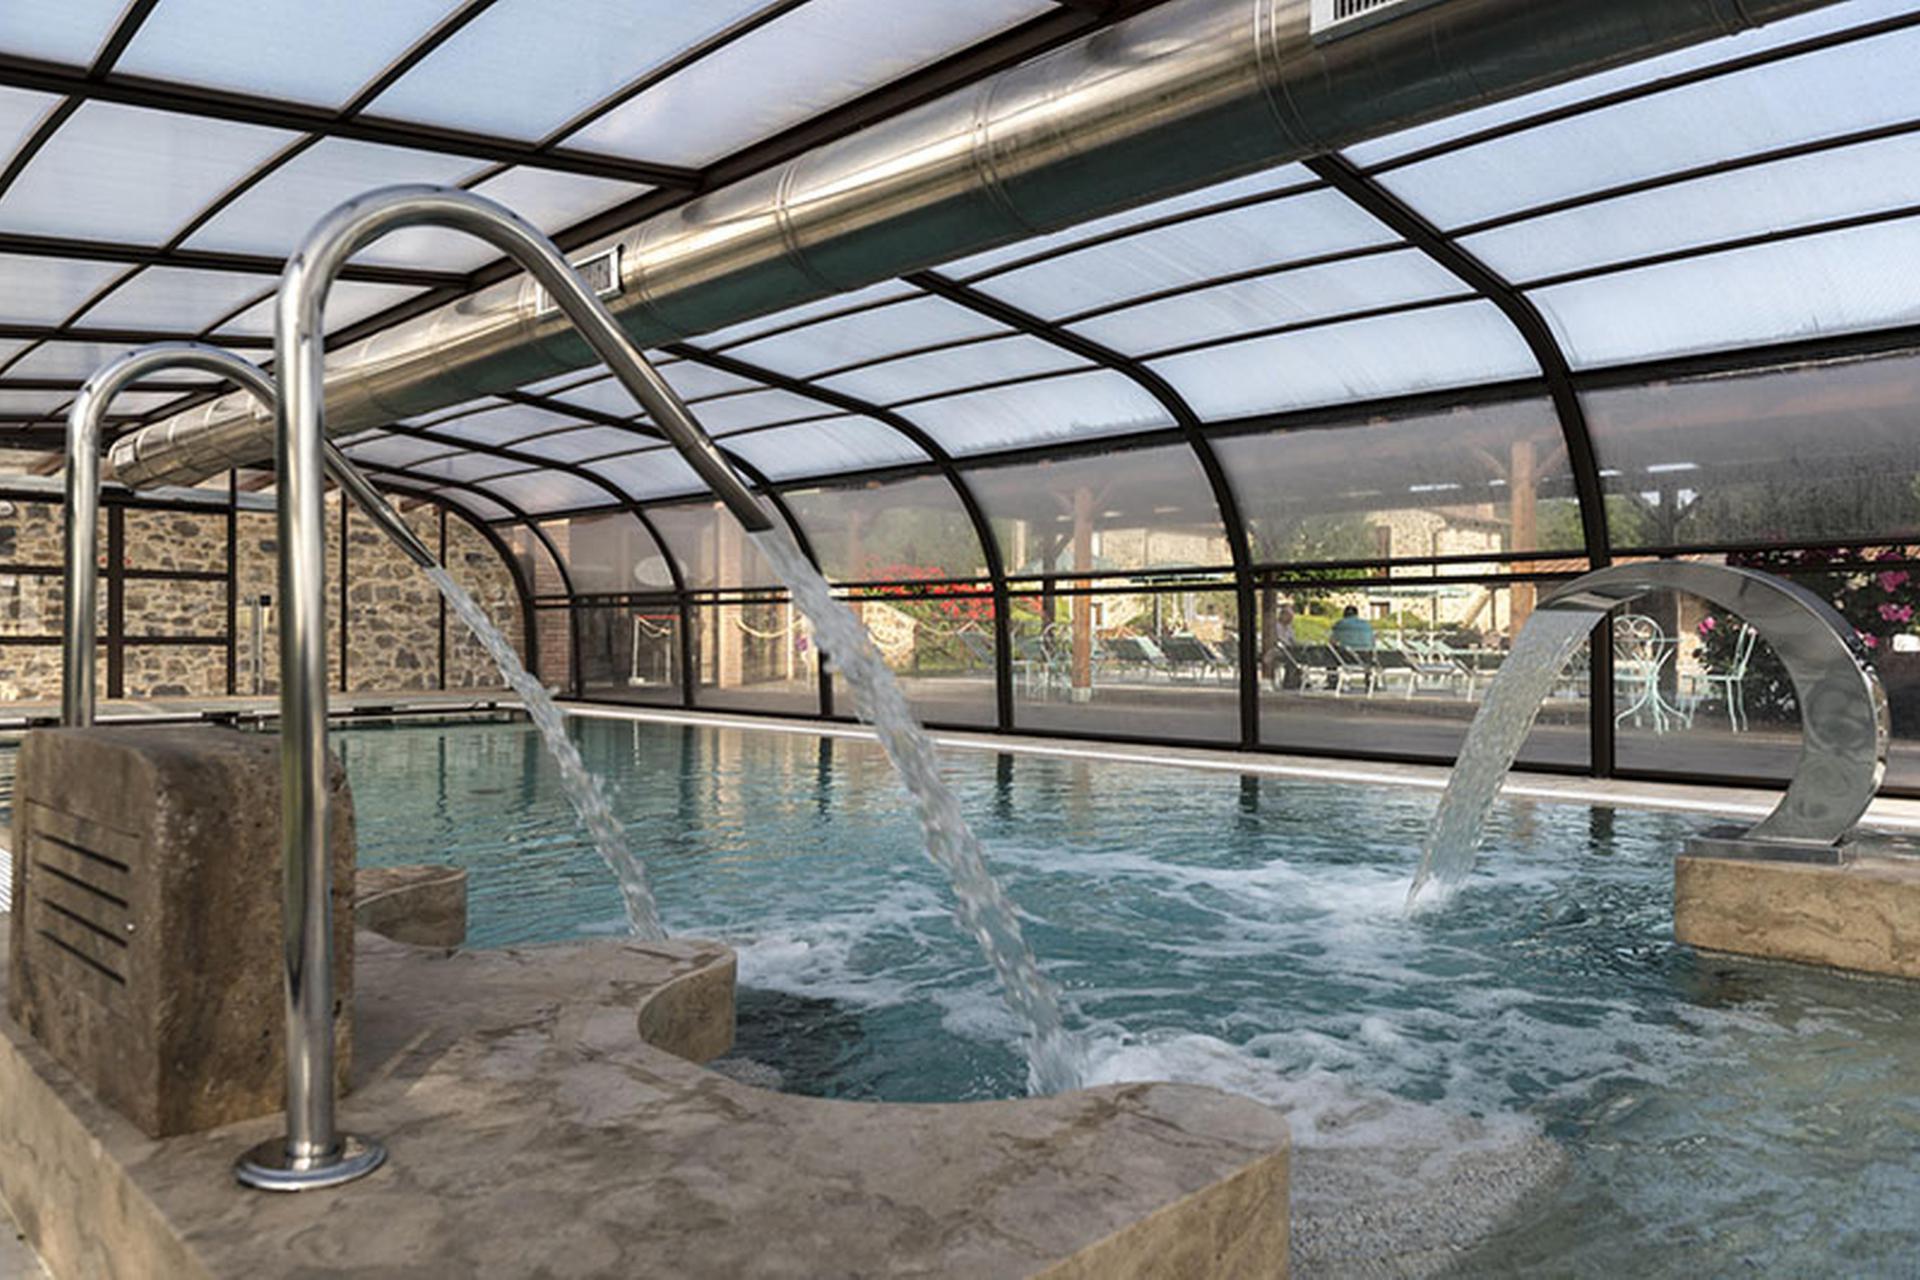 Agriturismo Toscane Kindvriendelijk resort Toscane met geweldig zwembad   myitaly.nl